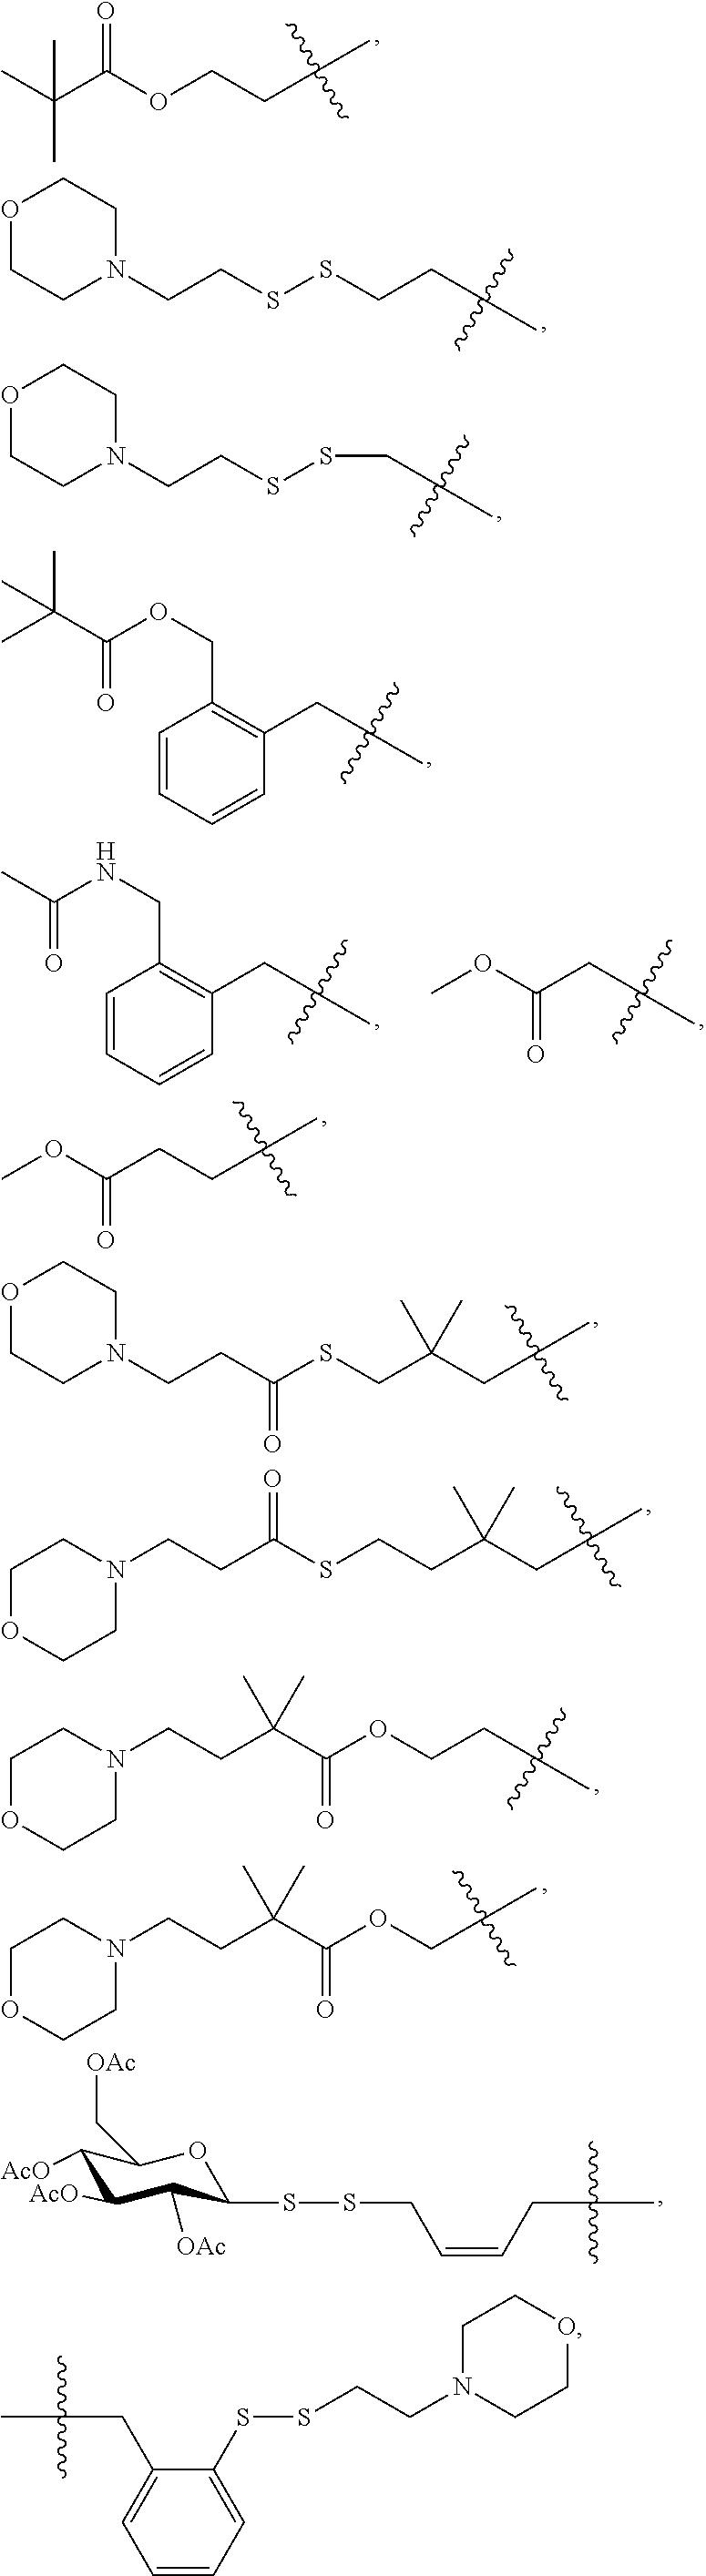 Figure US09982257-20180529-C00091